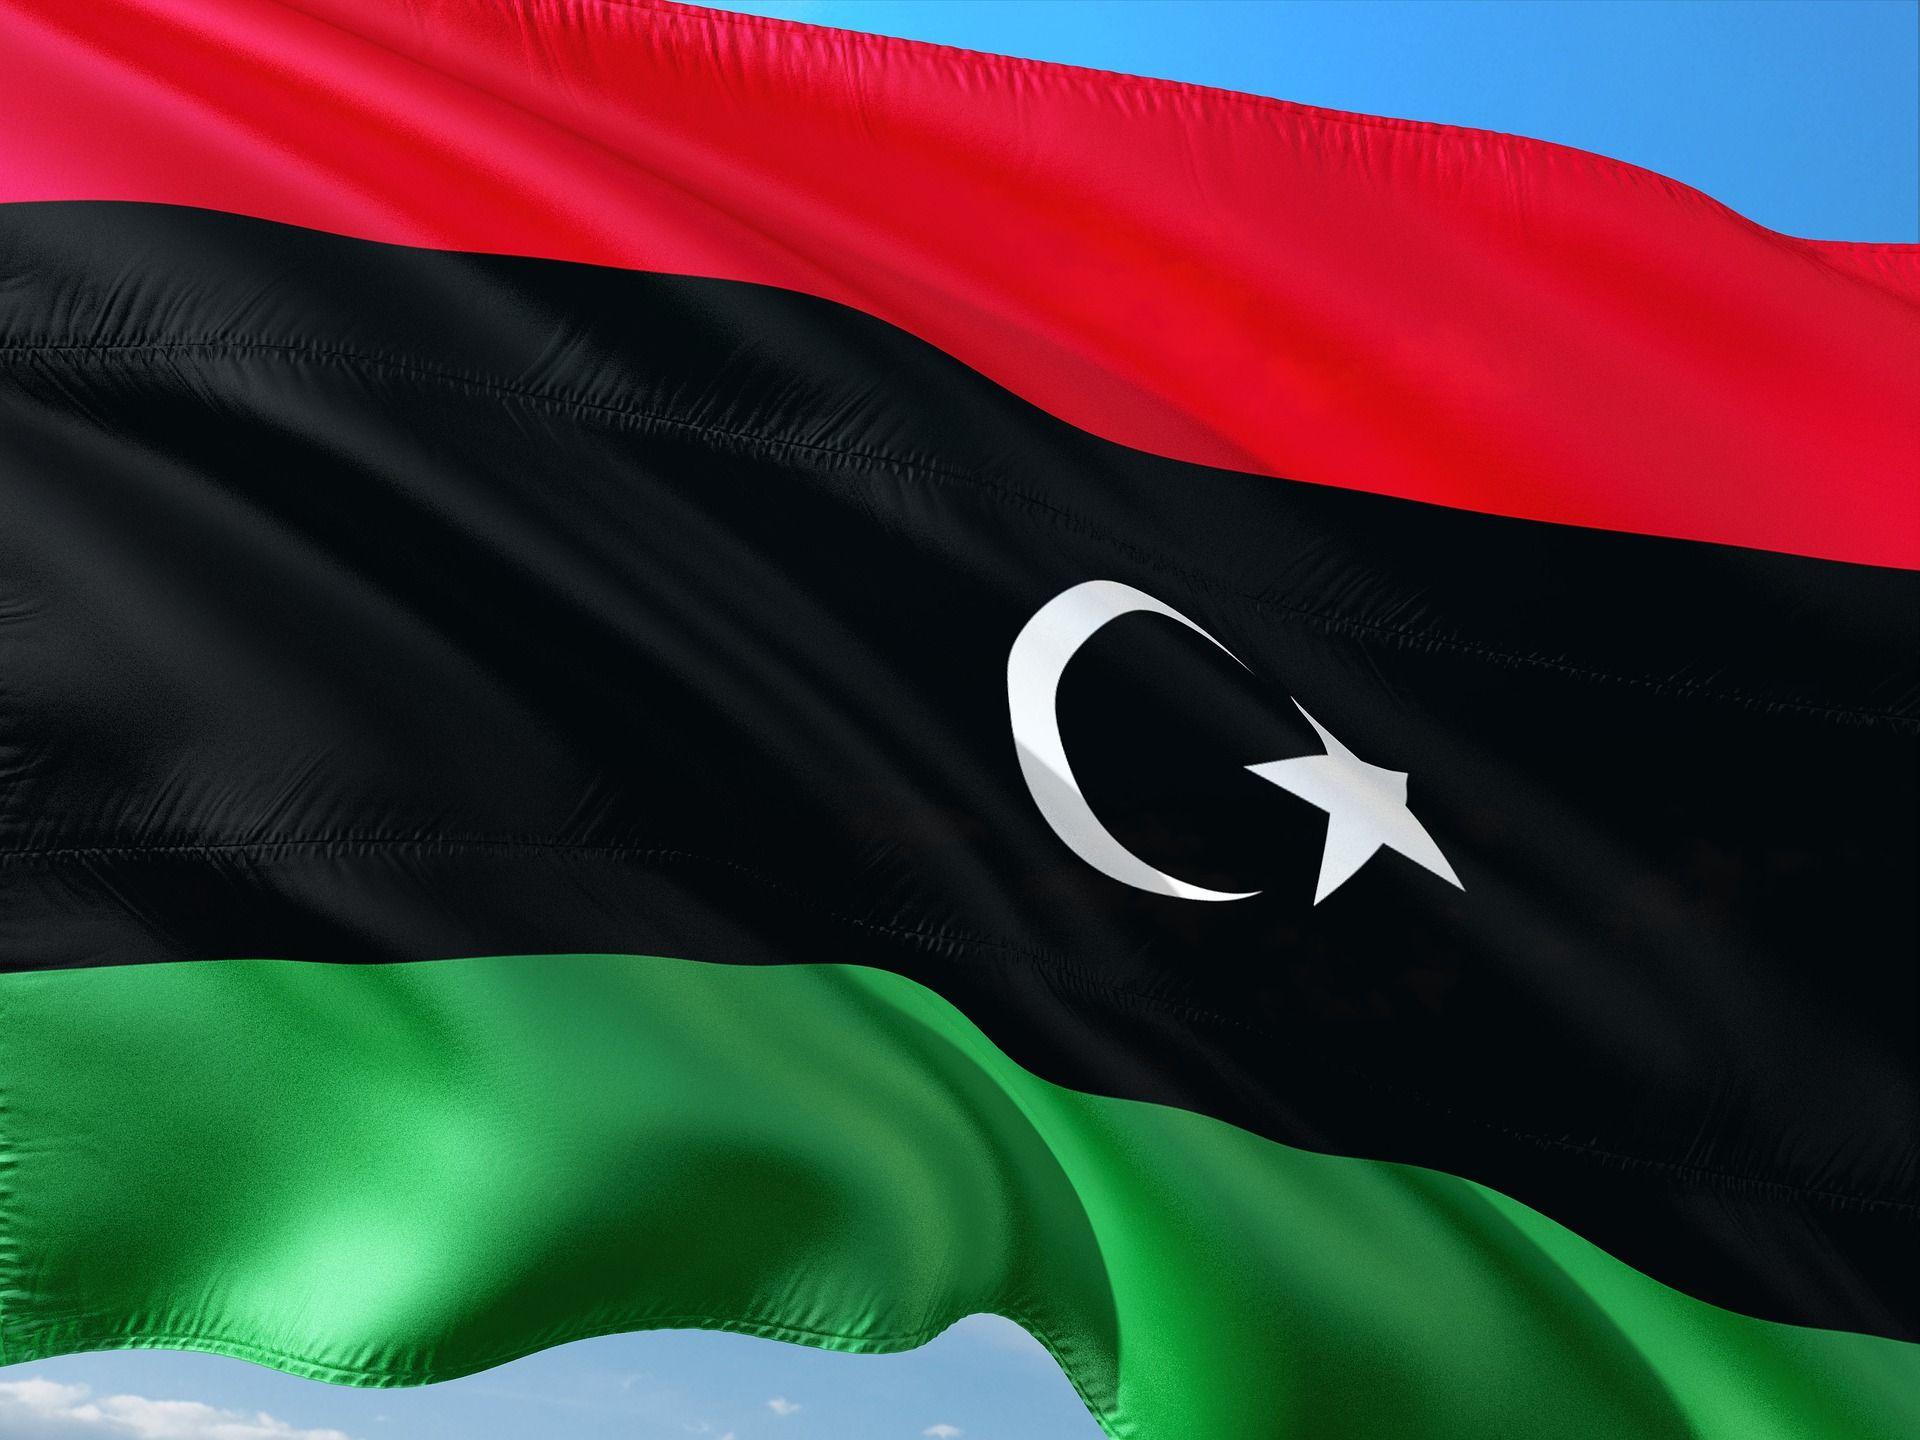 Bombaški napad na ministarstvo u Tripoliju, troje mrtvih